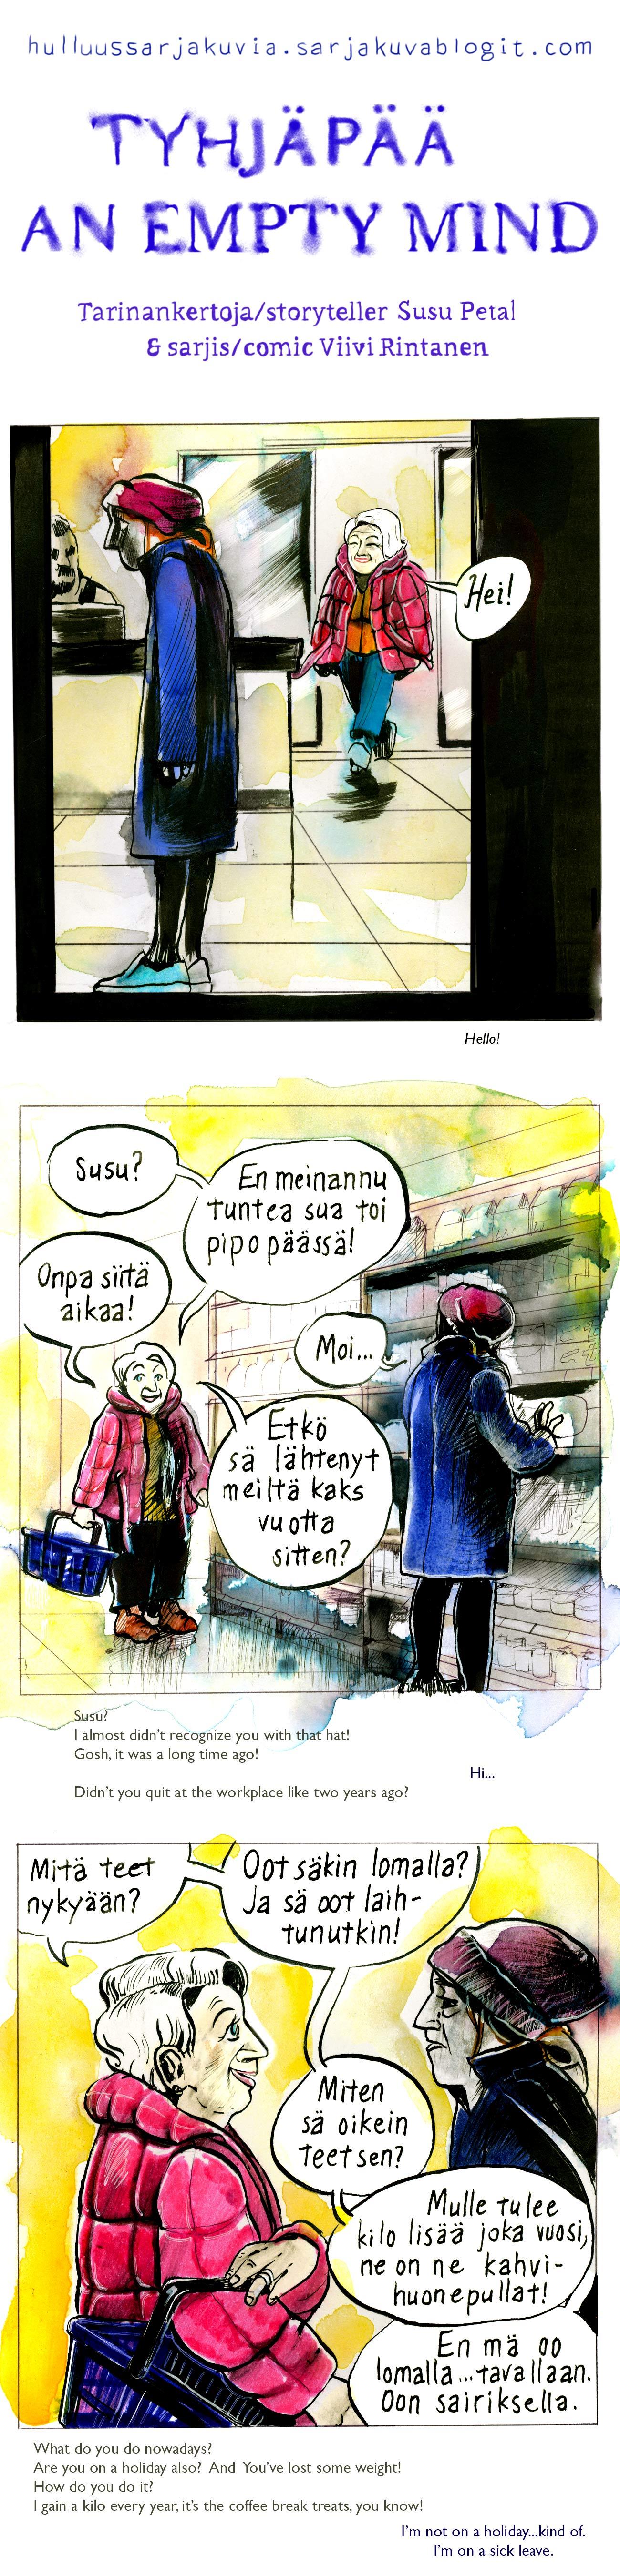 pohja1_susu